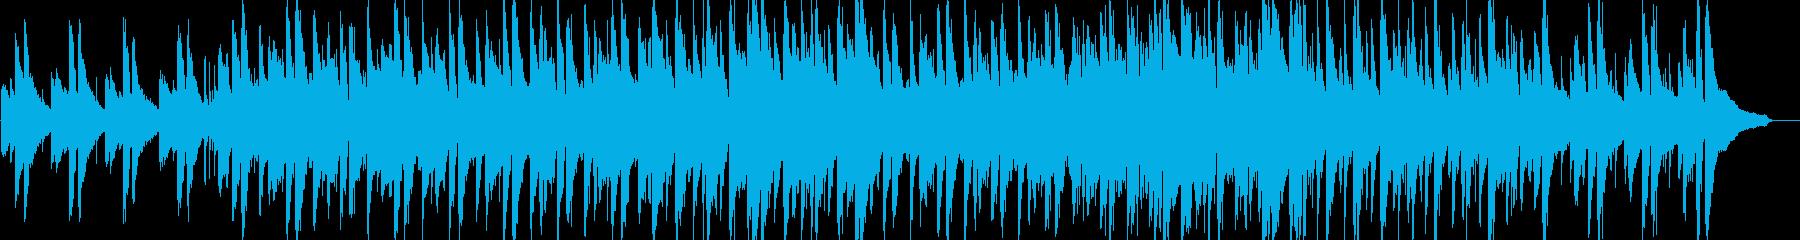 わくわく・軽快・ピアノ・イベント・映像用の再生済みの波形